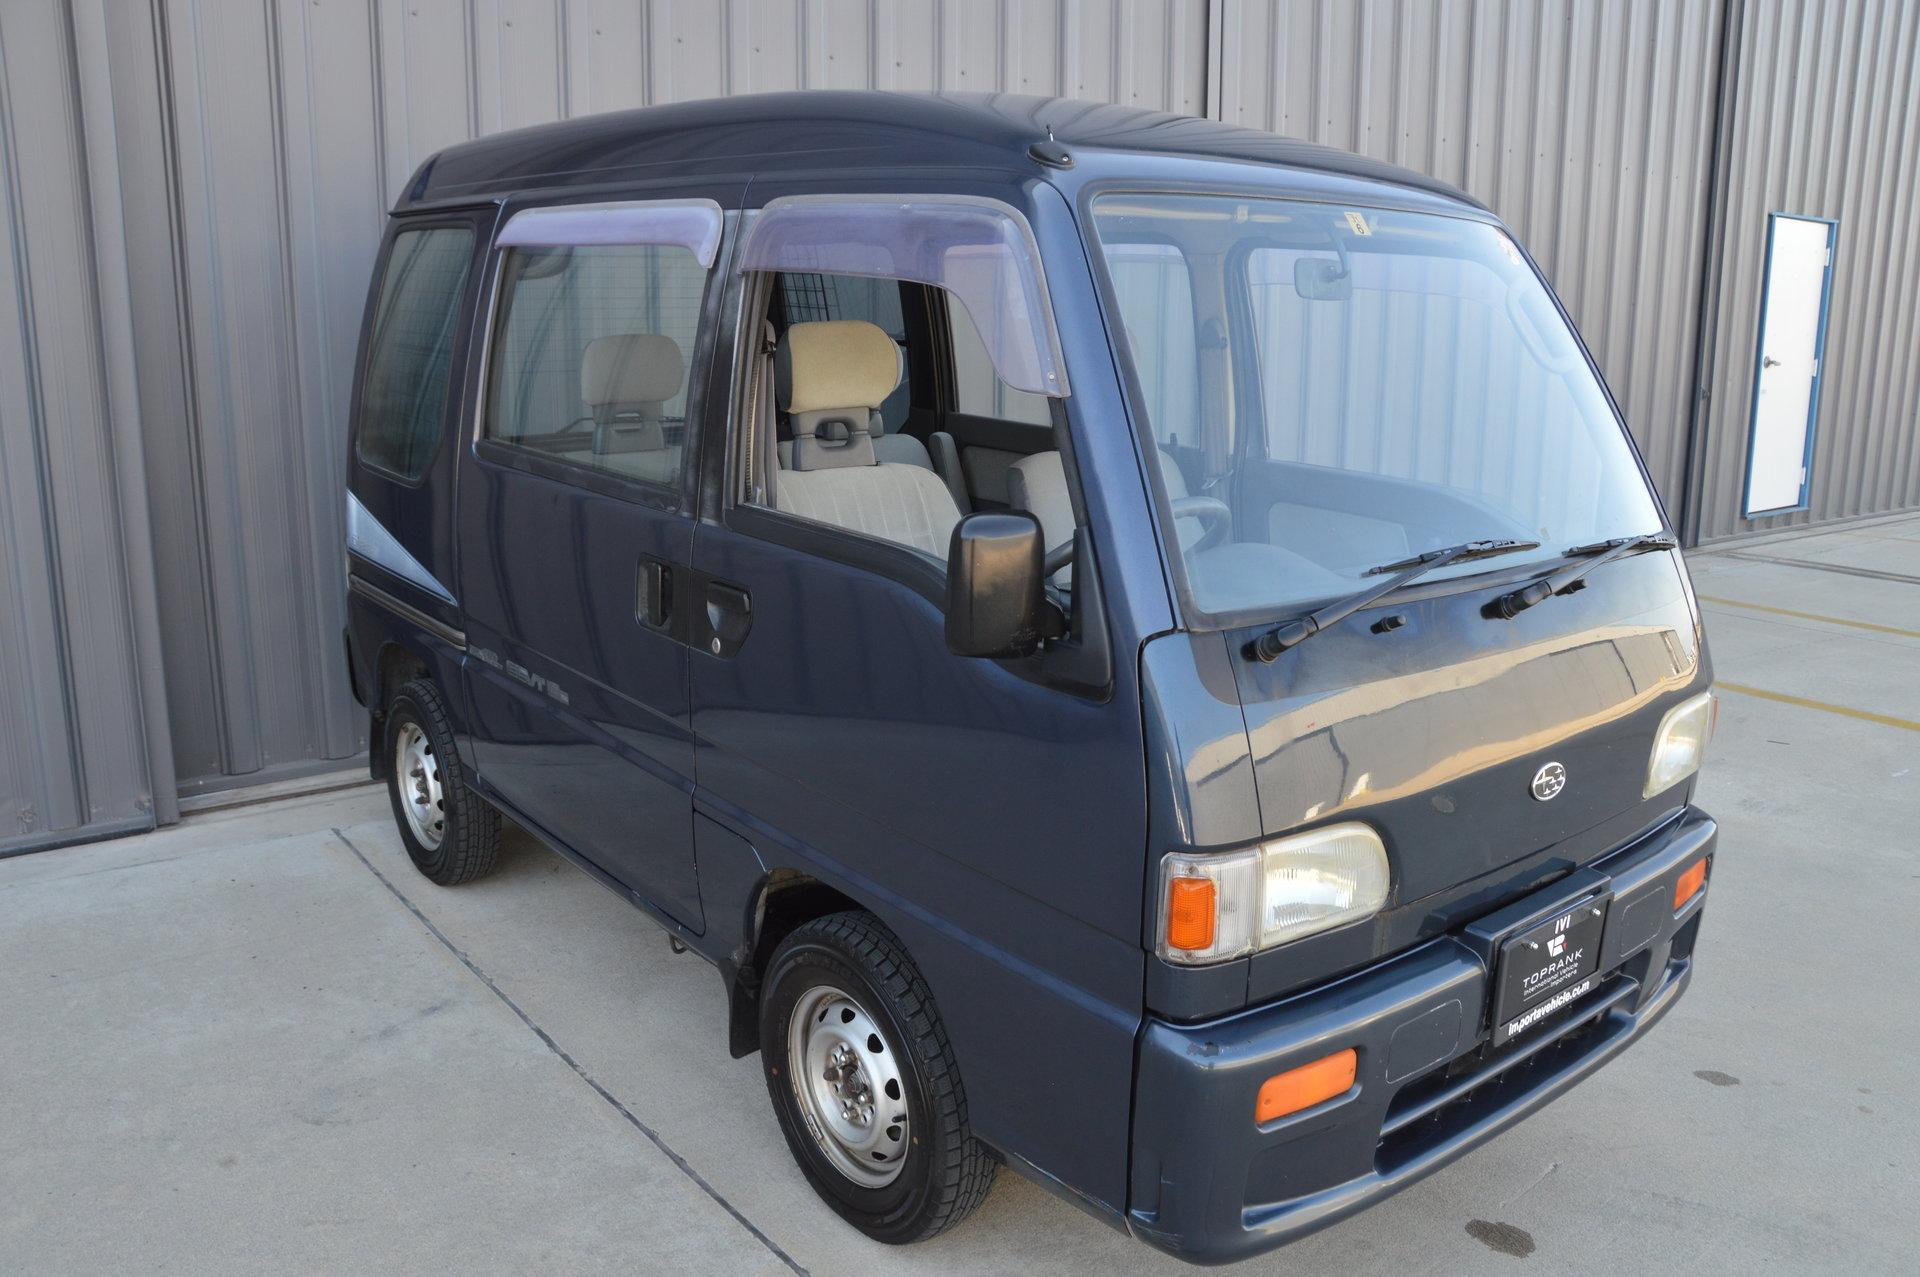 1993 Subaru Sambar For Sale #94821